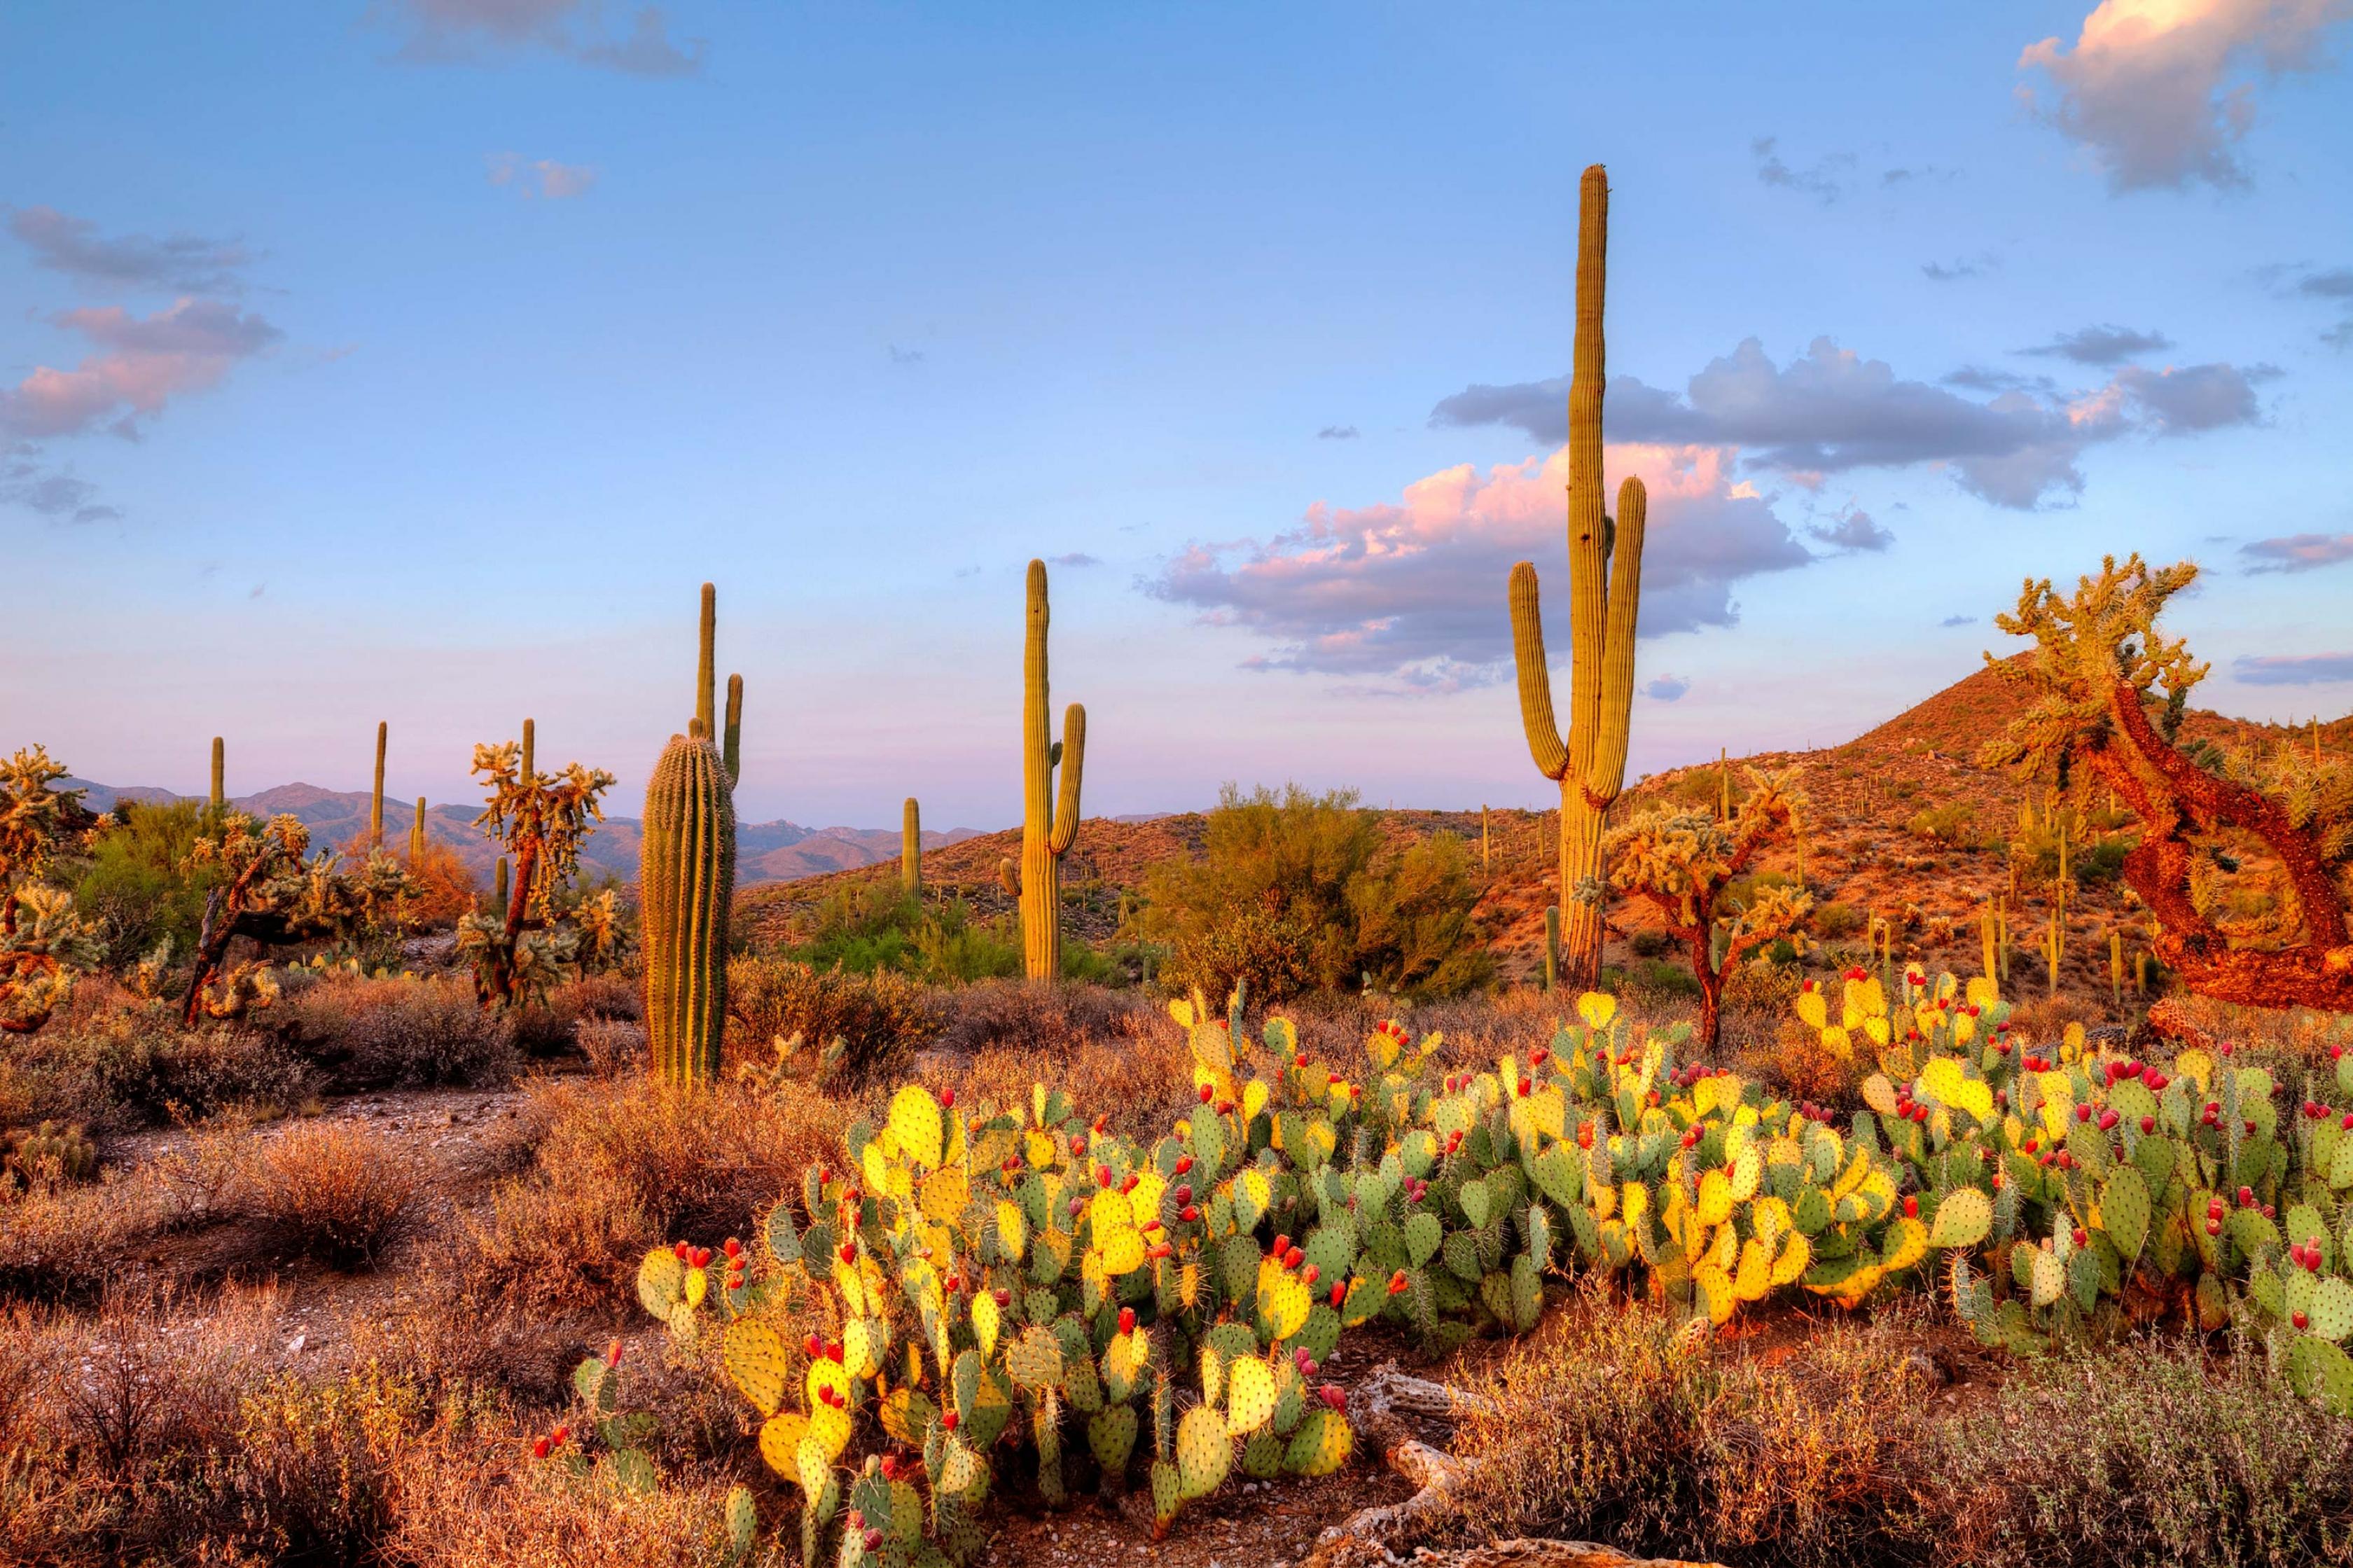 A grove of cactus, a regular site at Saguaro National Park.